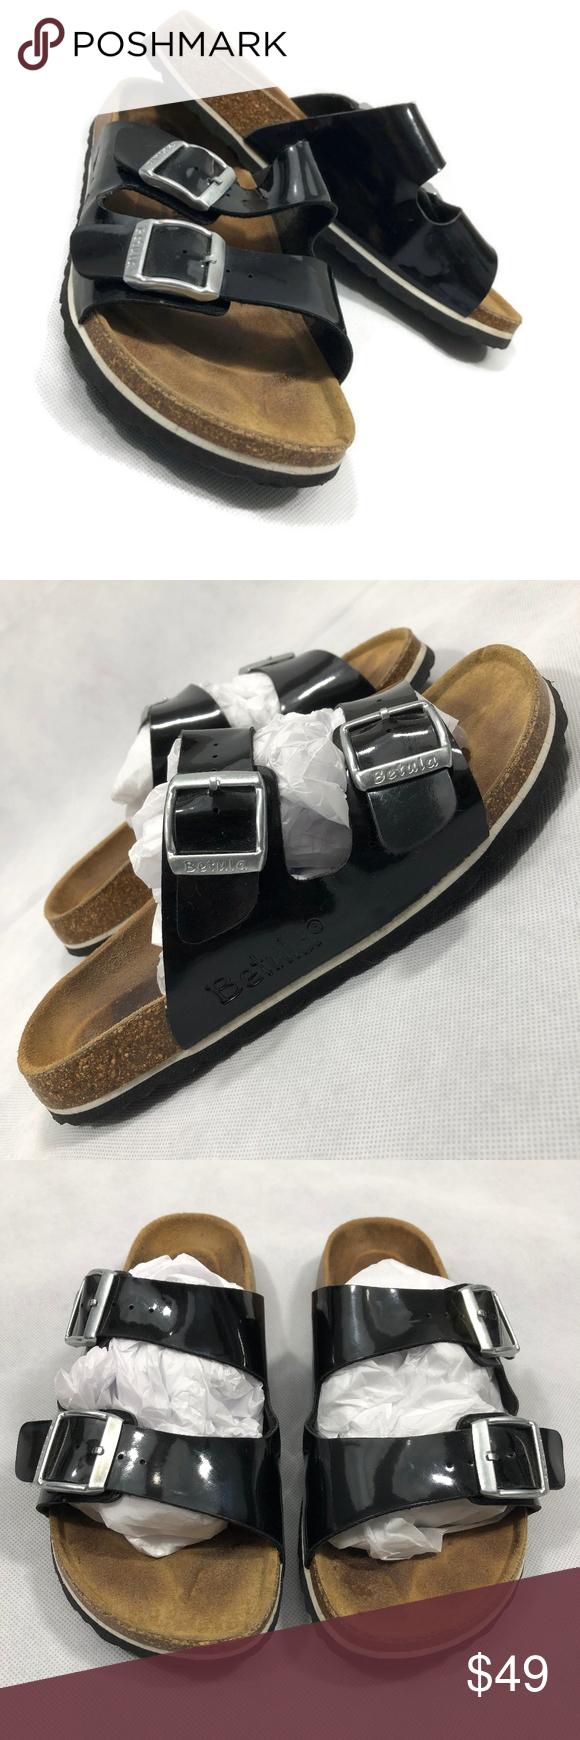 990ee66fde2 Betula Black 2 Strap Sandals Slip On Sandals 37 Betula- Licensed by  Birkenstock 2 strap